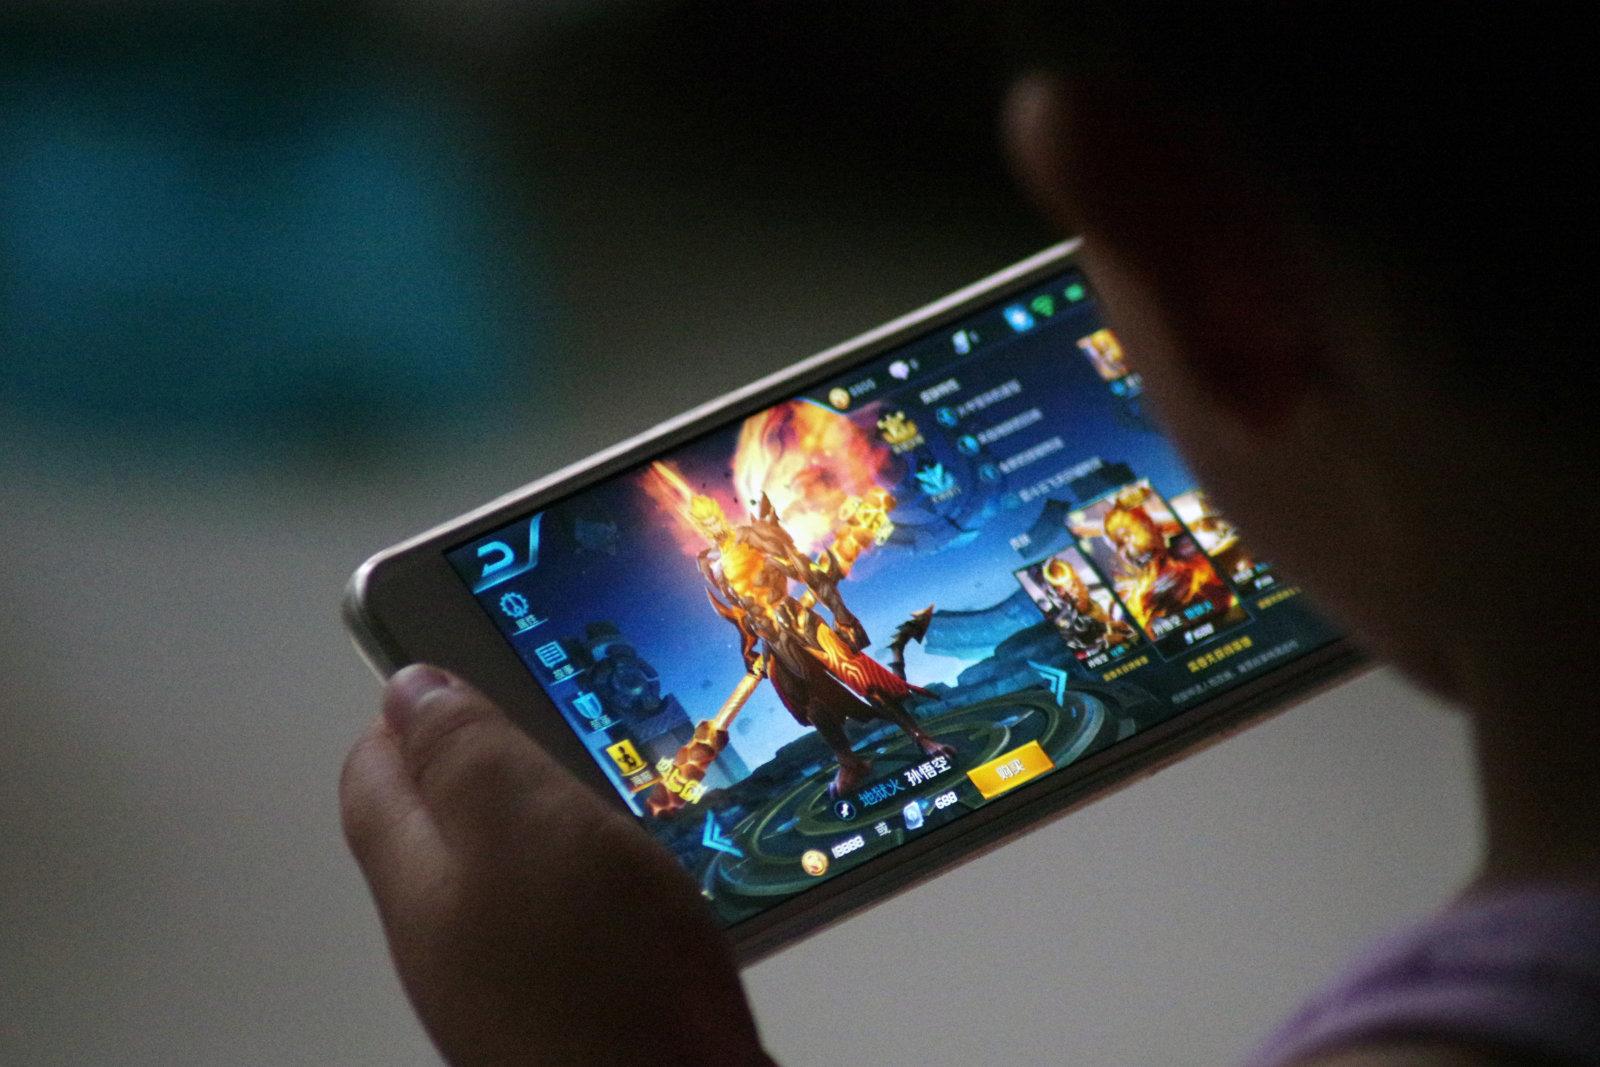 腾讯旗下游戏《王者荣耀》有望登陆欧美市场